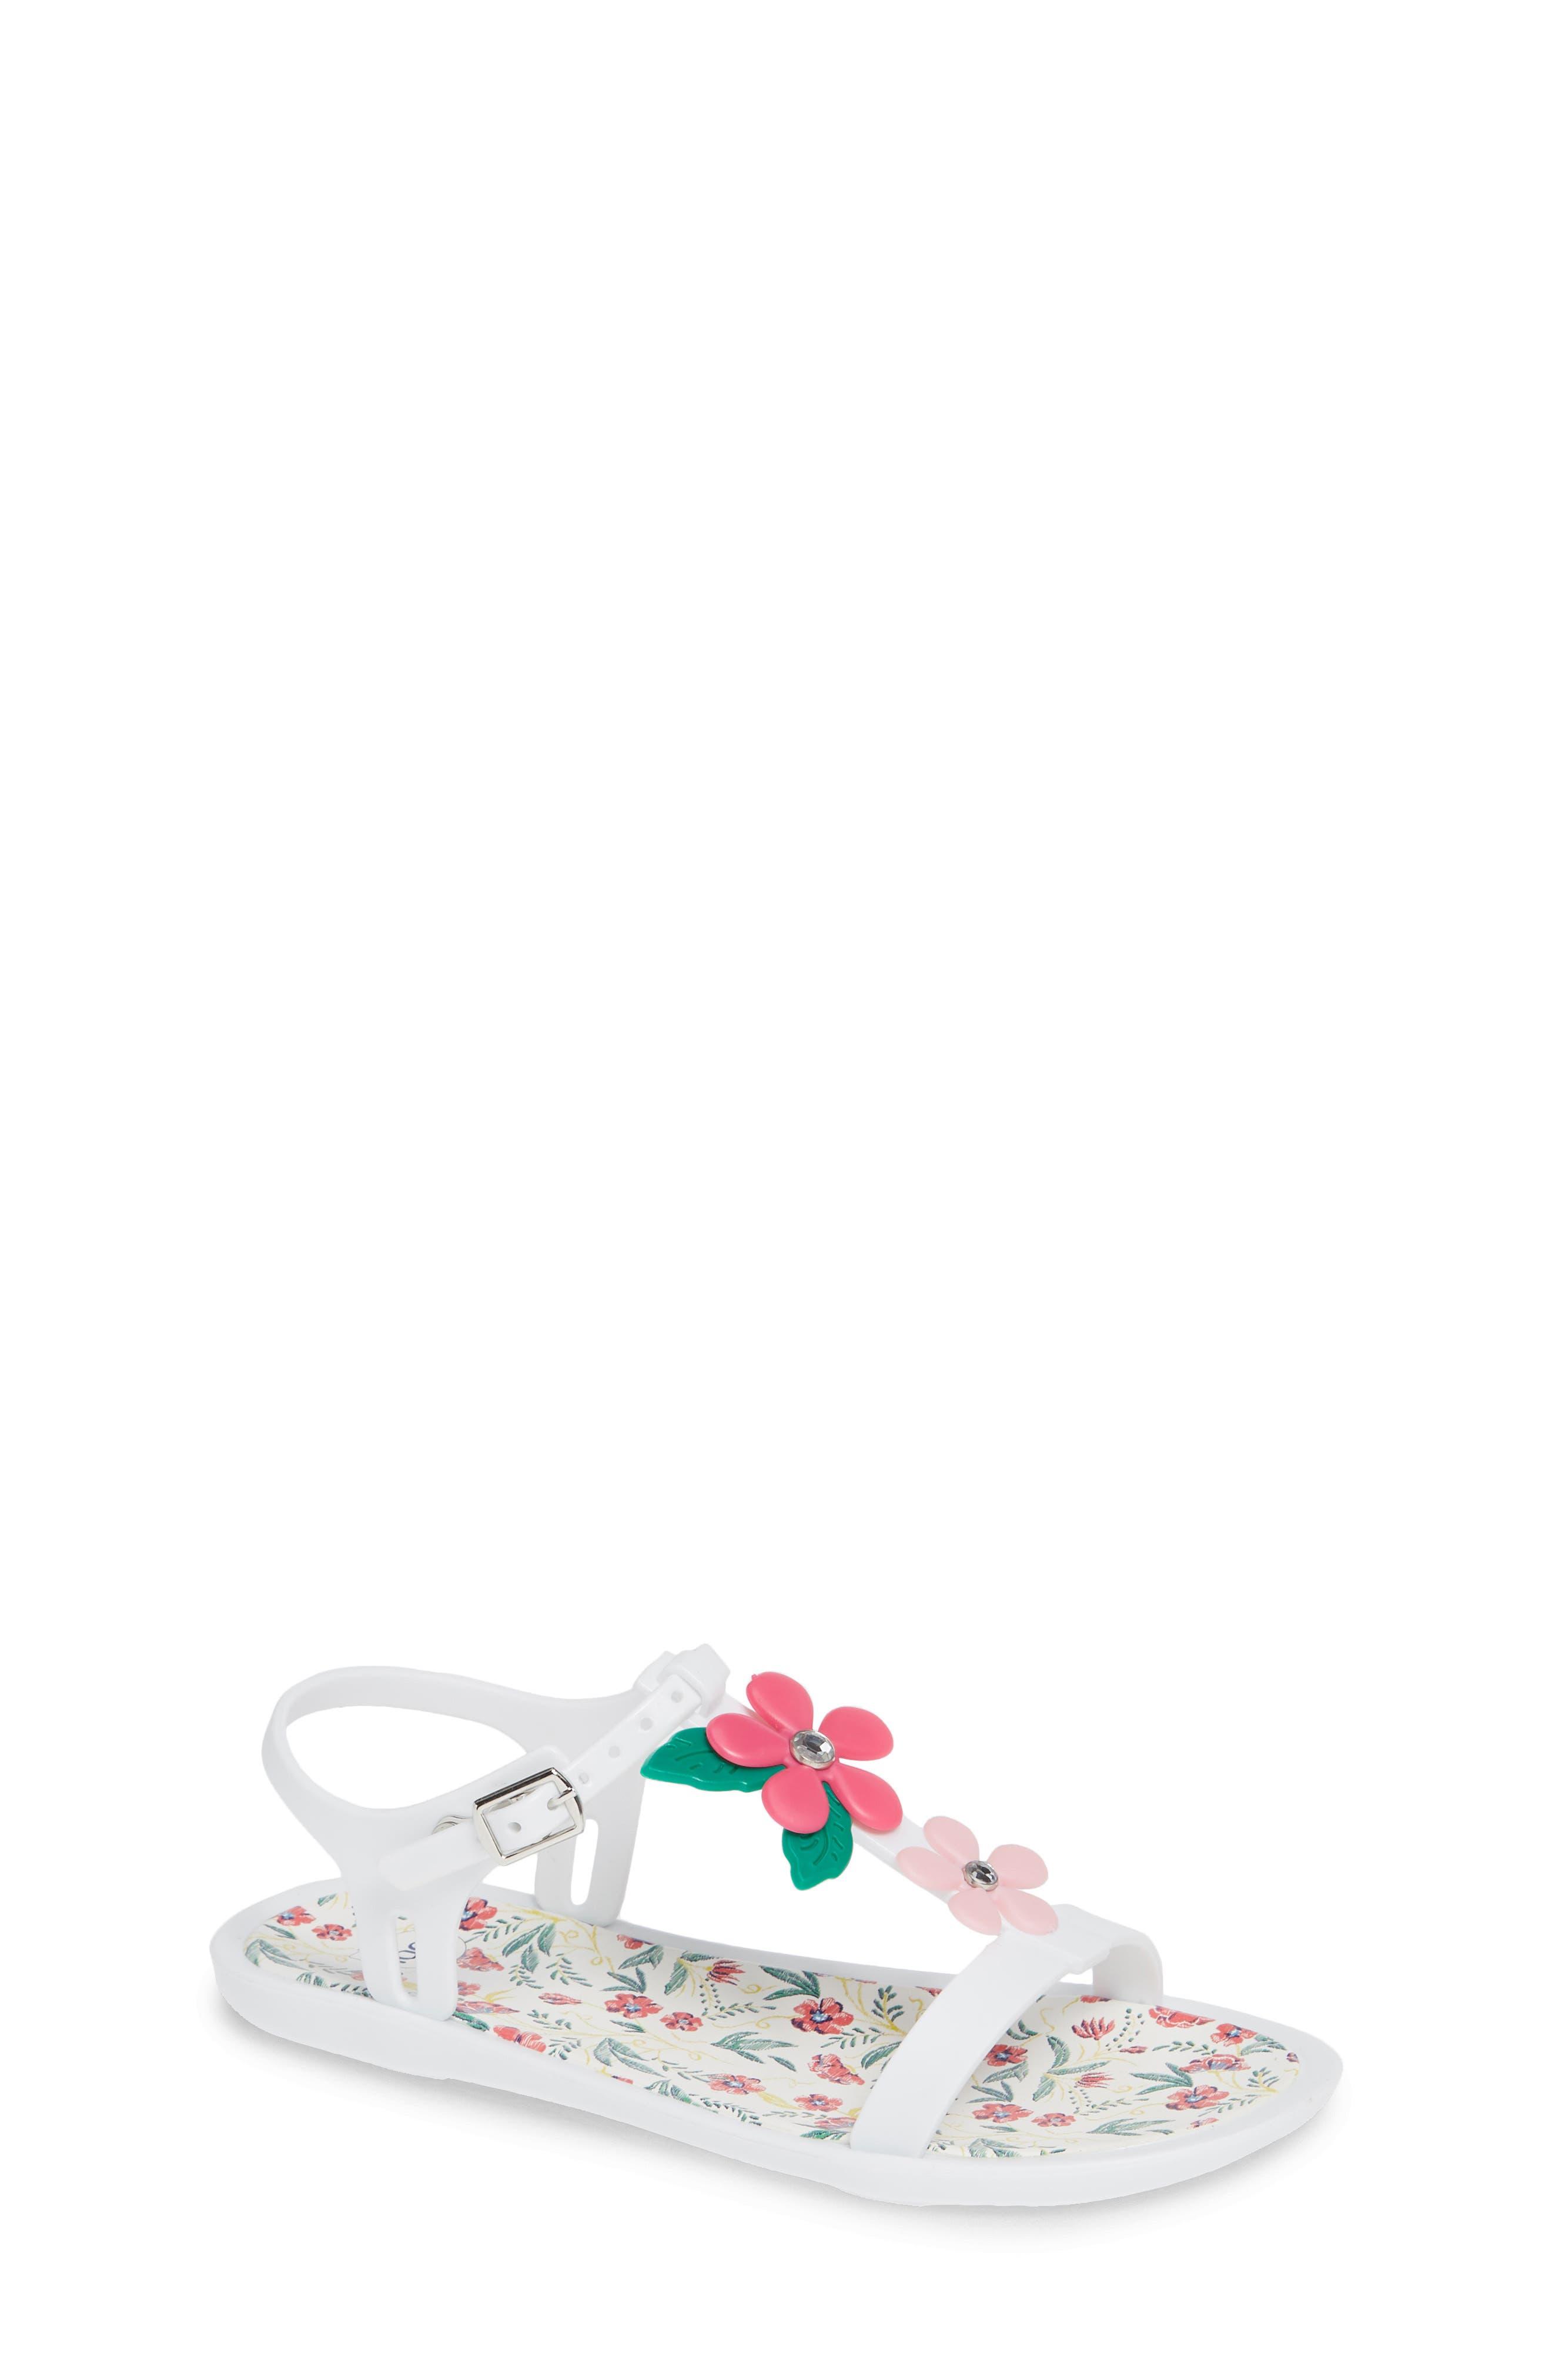 Tricia Floral T-Strap Sandal,                         Main,                         color, 100